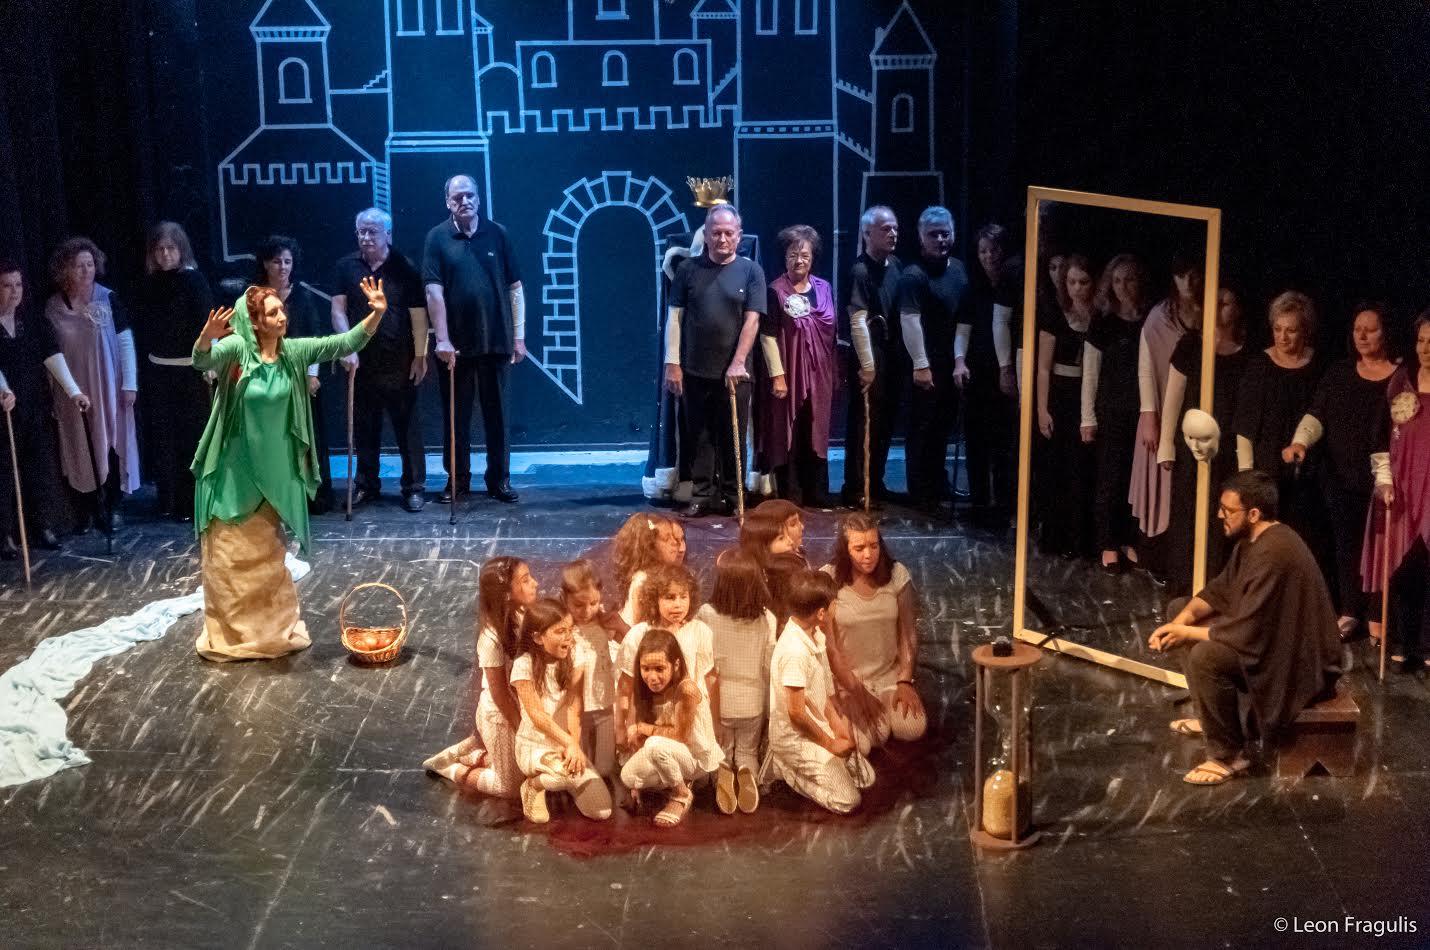 Αγρίνιο: Το μουσικό παραμύθι «Το χρυσό δεκανίκι» κερδίζει τις εντυπώσεις